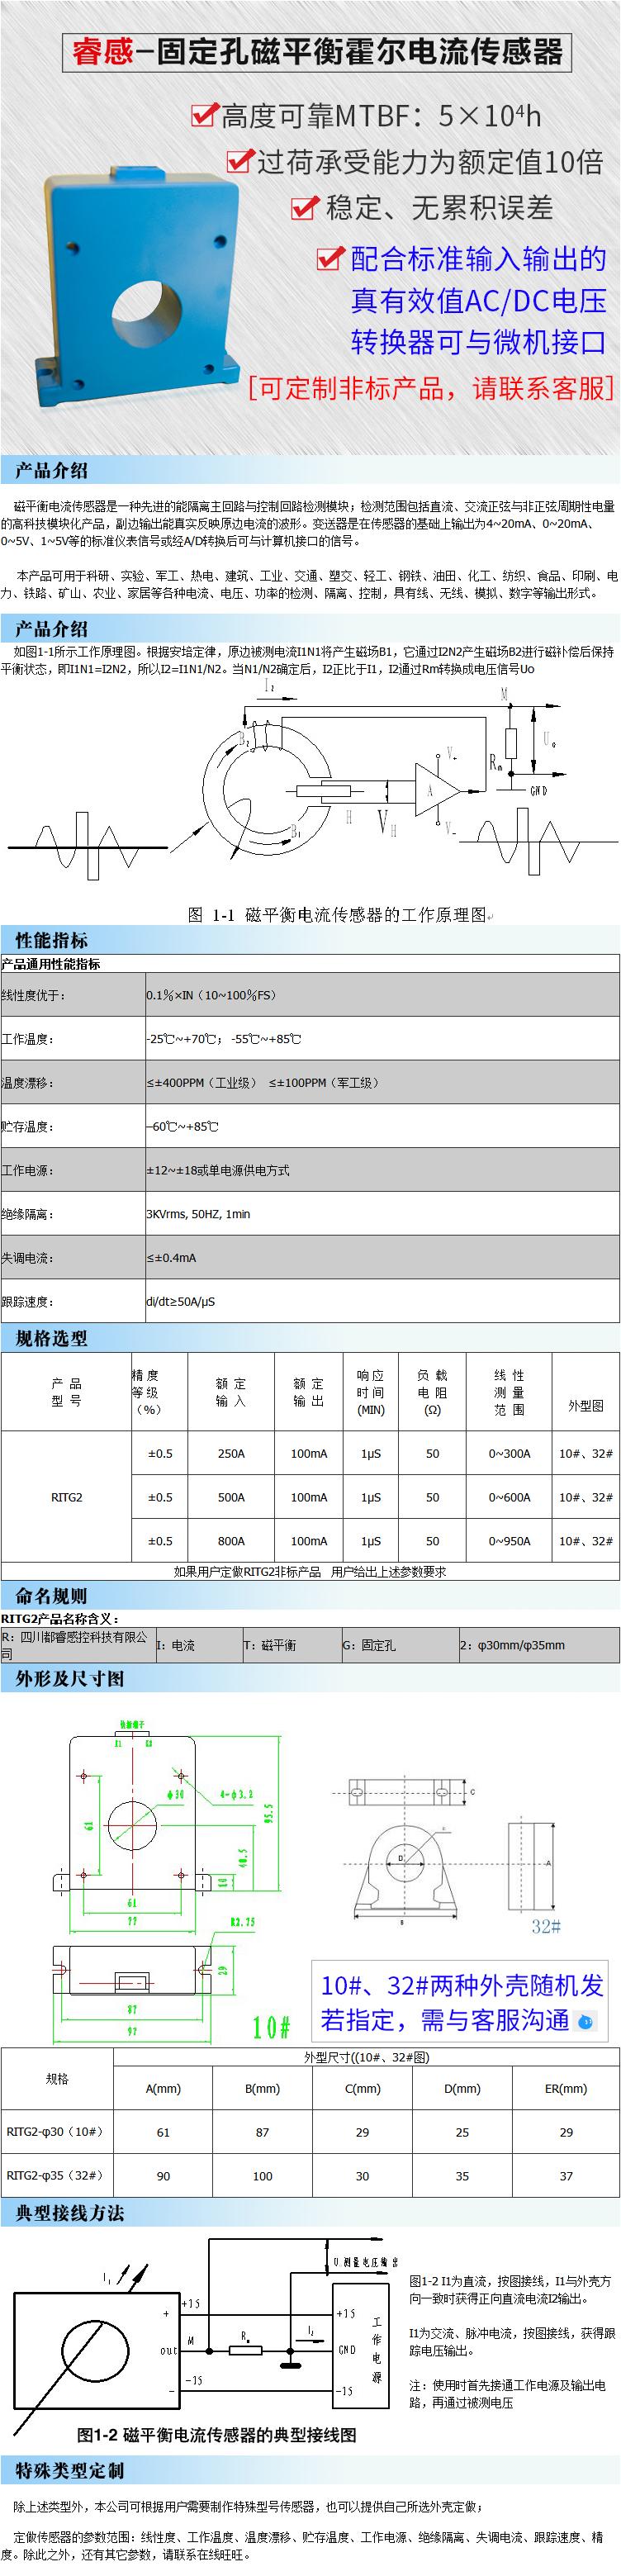 睿感RITG2磁平衡电流传感器200A霍尔直流穿孔输出25mA高精度0.5%-淘宝网.png